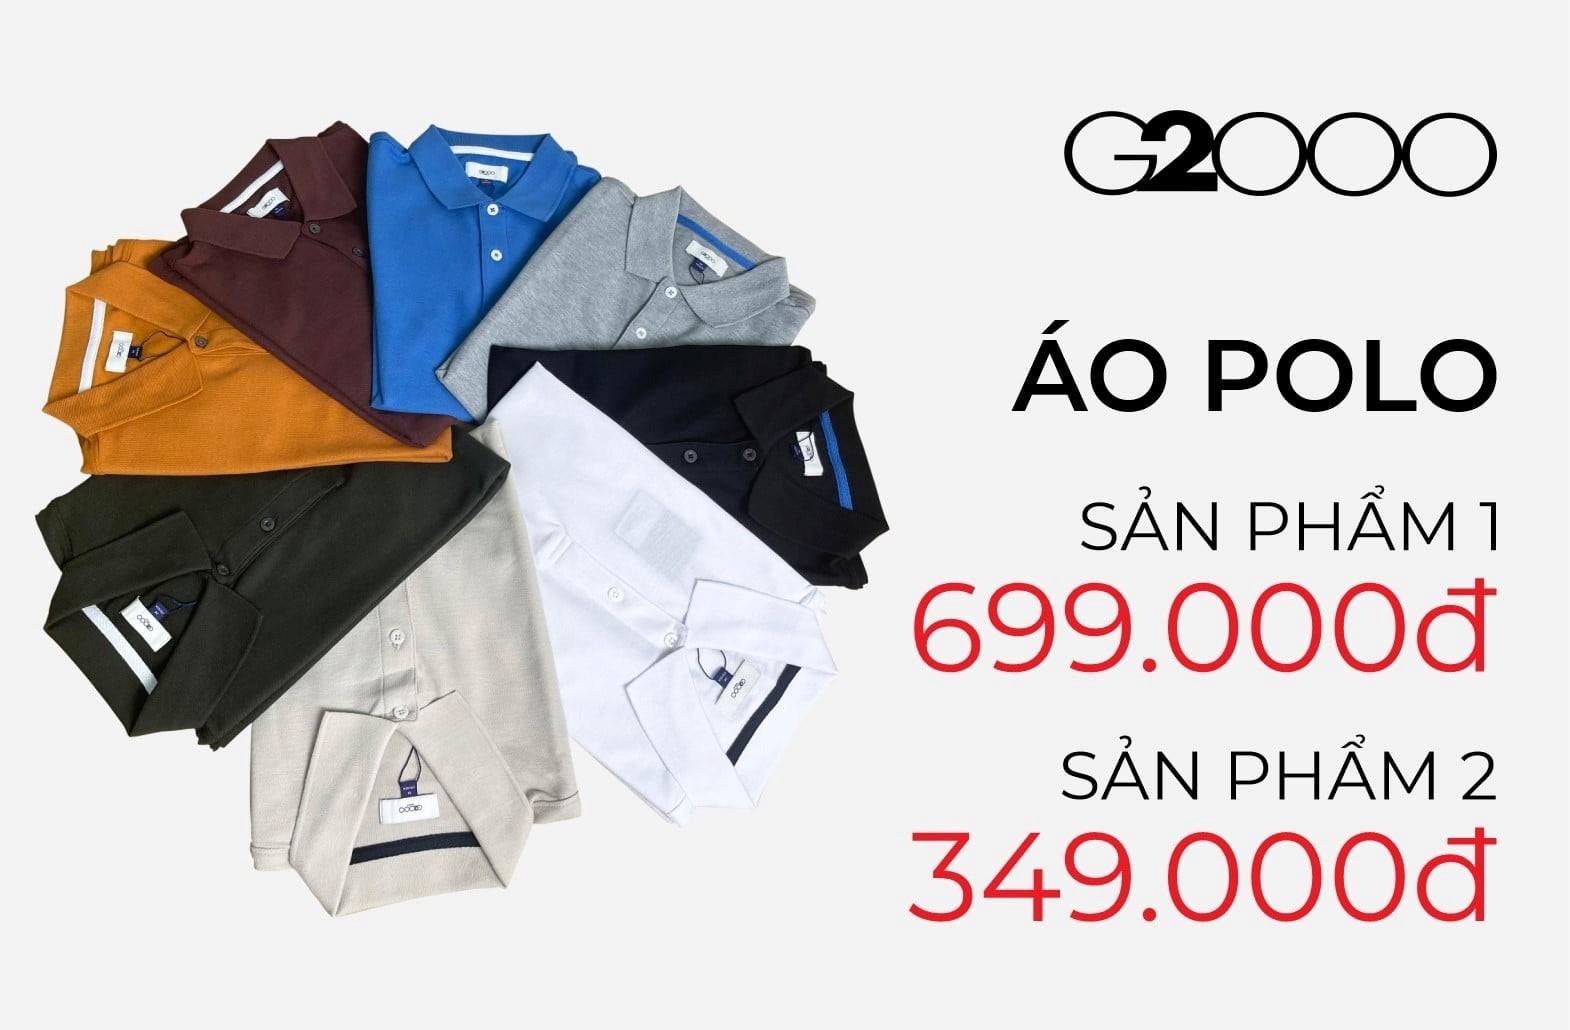 Ưu đãi dành cho áo Polo khi mua sản phẩm thứ 2 giảm còn 349k